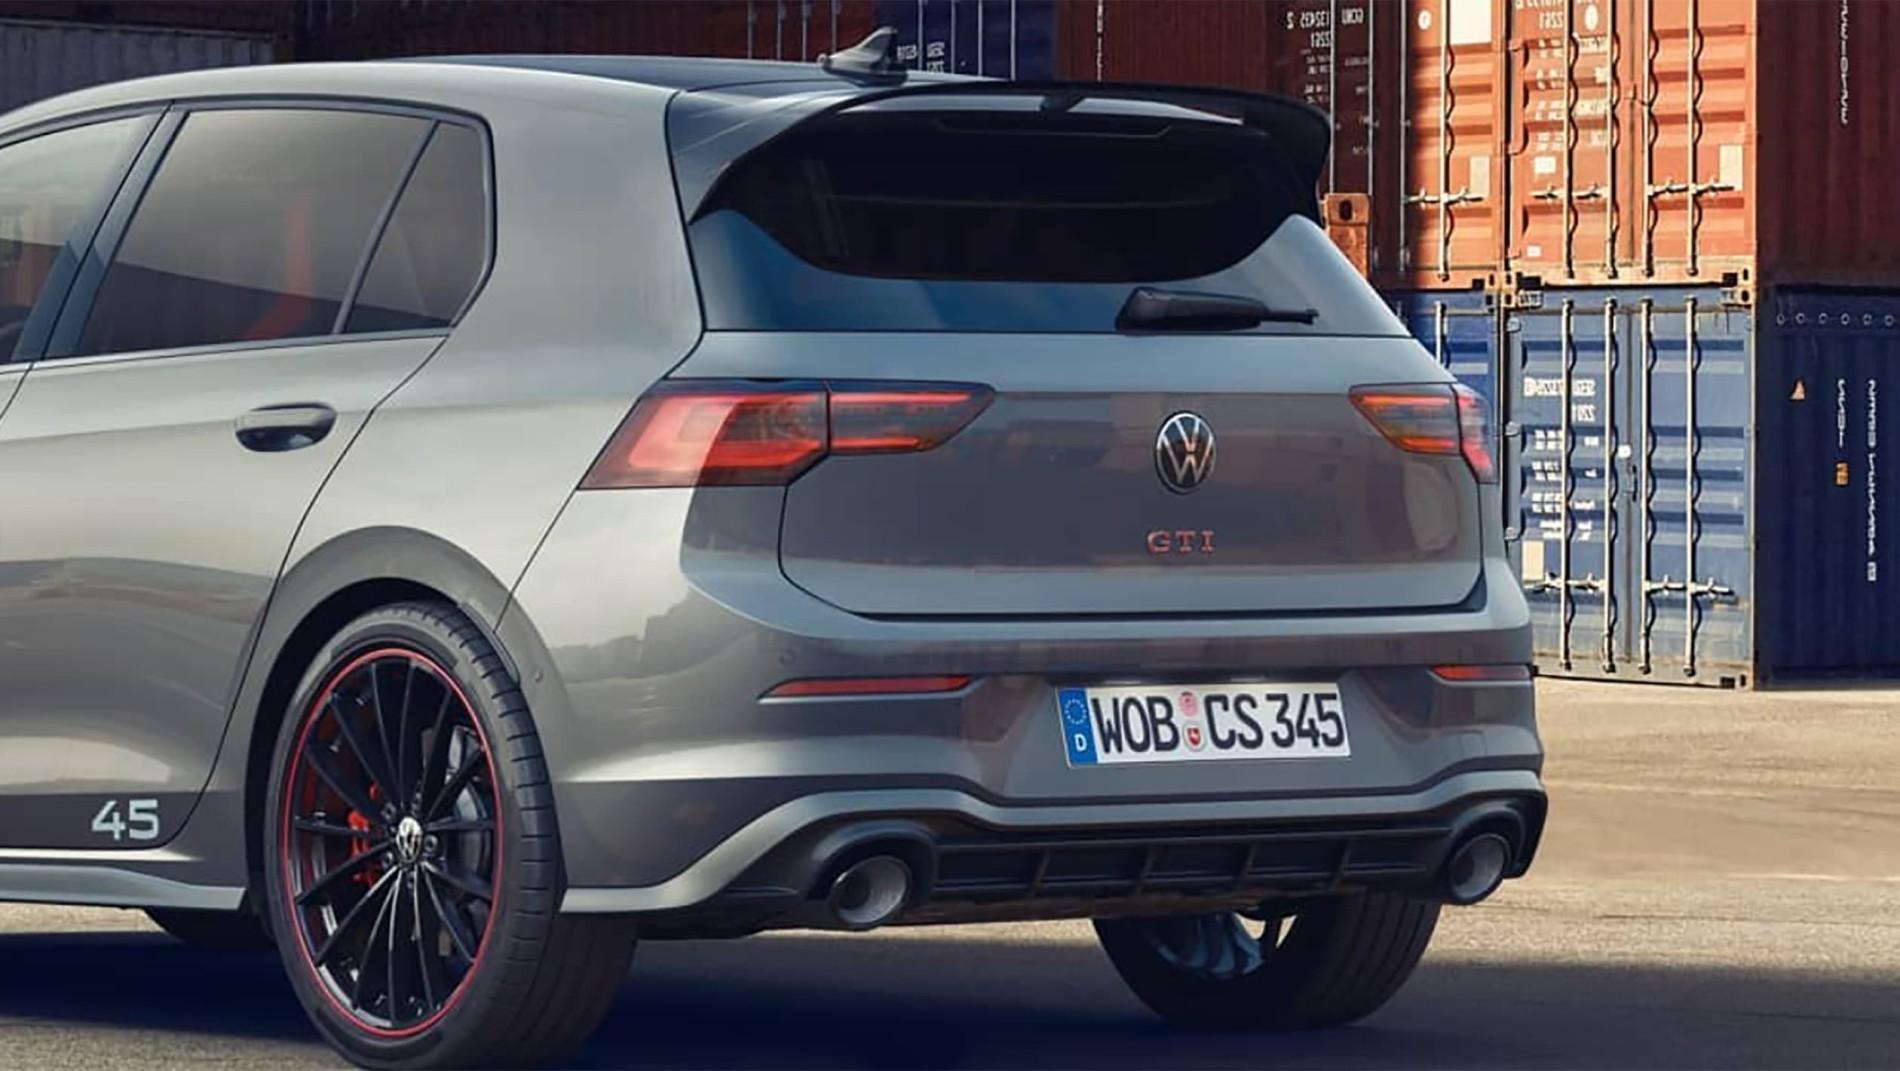 Volkswagen Golf GTI Edition 45 - Volkswagen Golf GTI Edition 45